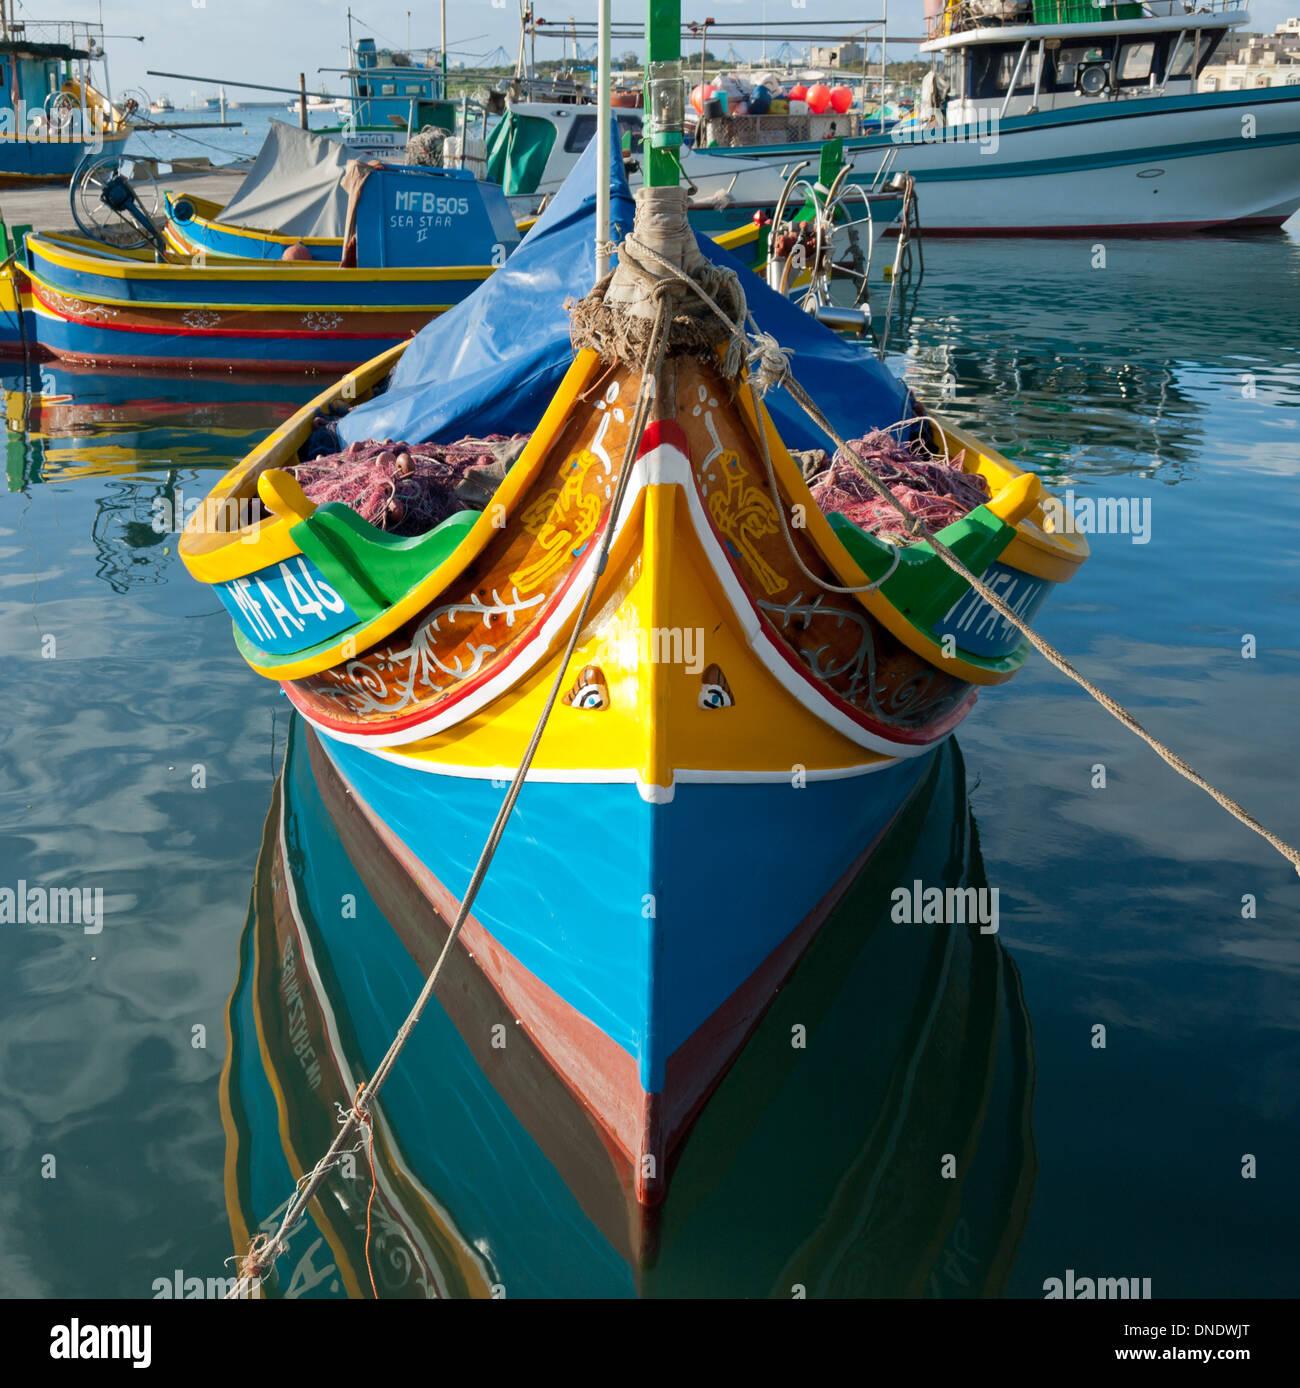 Un colorato luzzu ormeggiata nel porto di Marsaxlokk di Marsaxlokk, Malta. Un luzzu è un maltese tradizionale barca da pesca. Immagini Stock